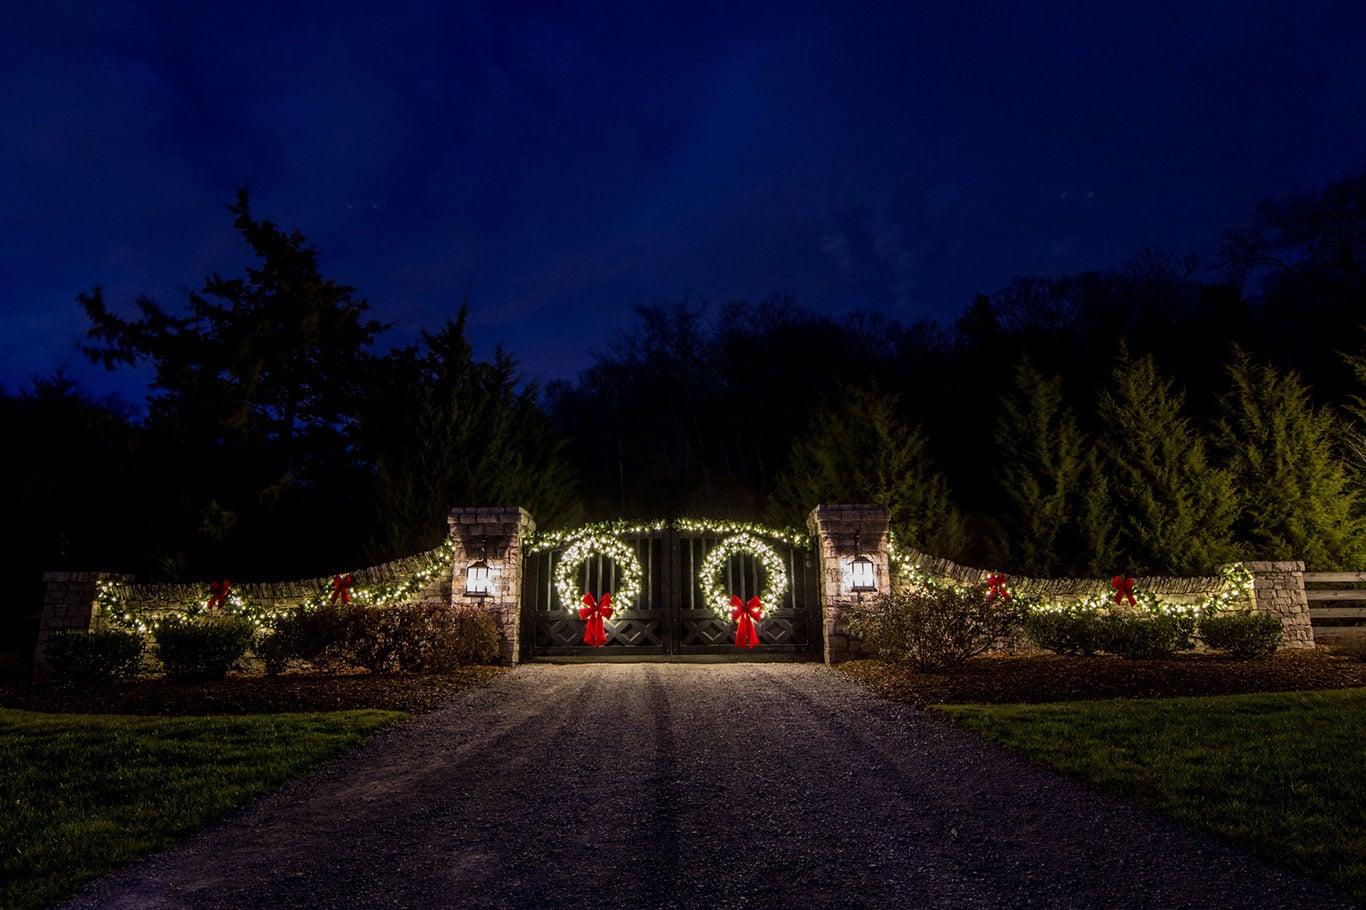 2017 Christmas Display Neighborhood Entrance